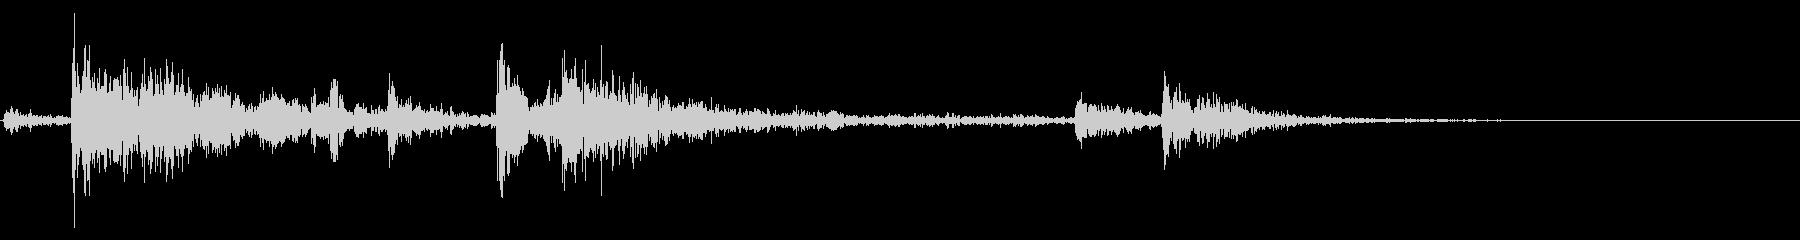 【生録音】鎖を軽く引っ張る音 2の未再生の波形